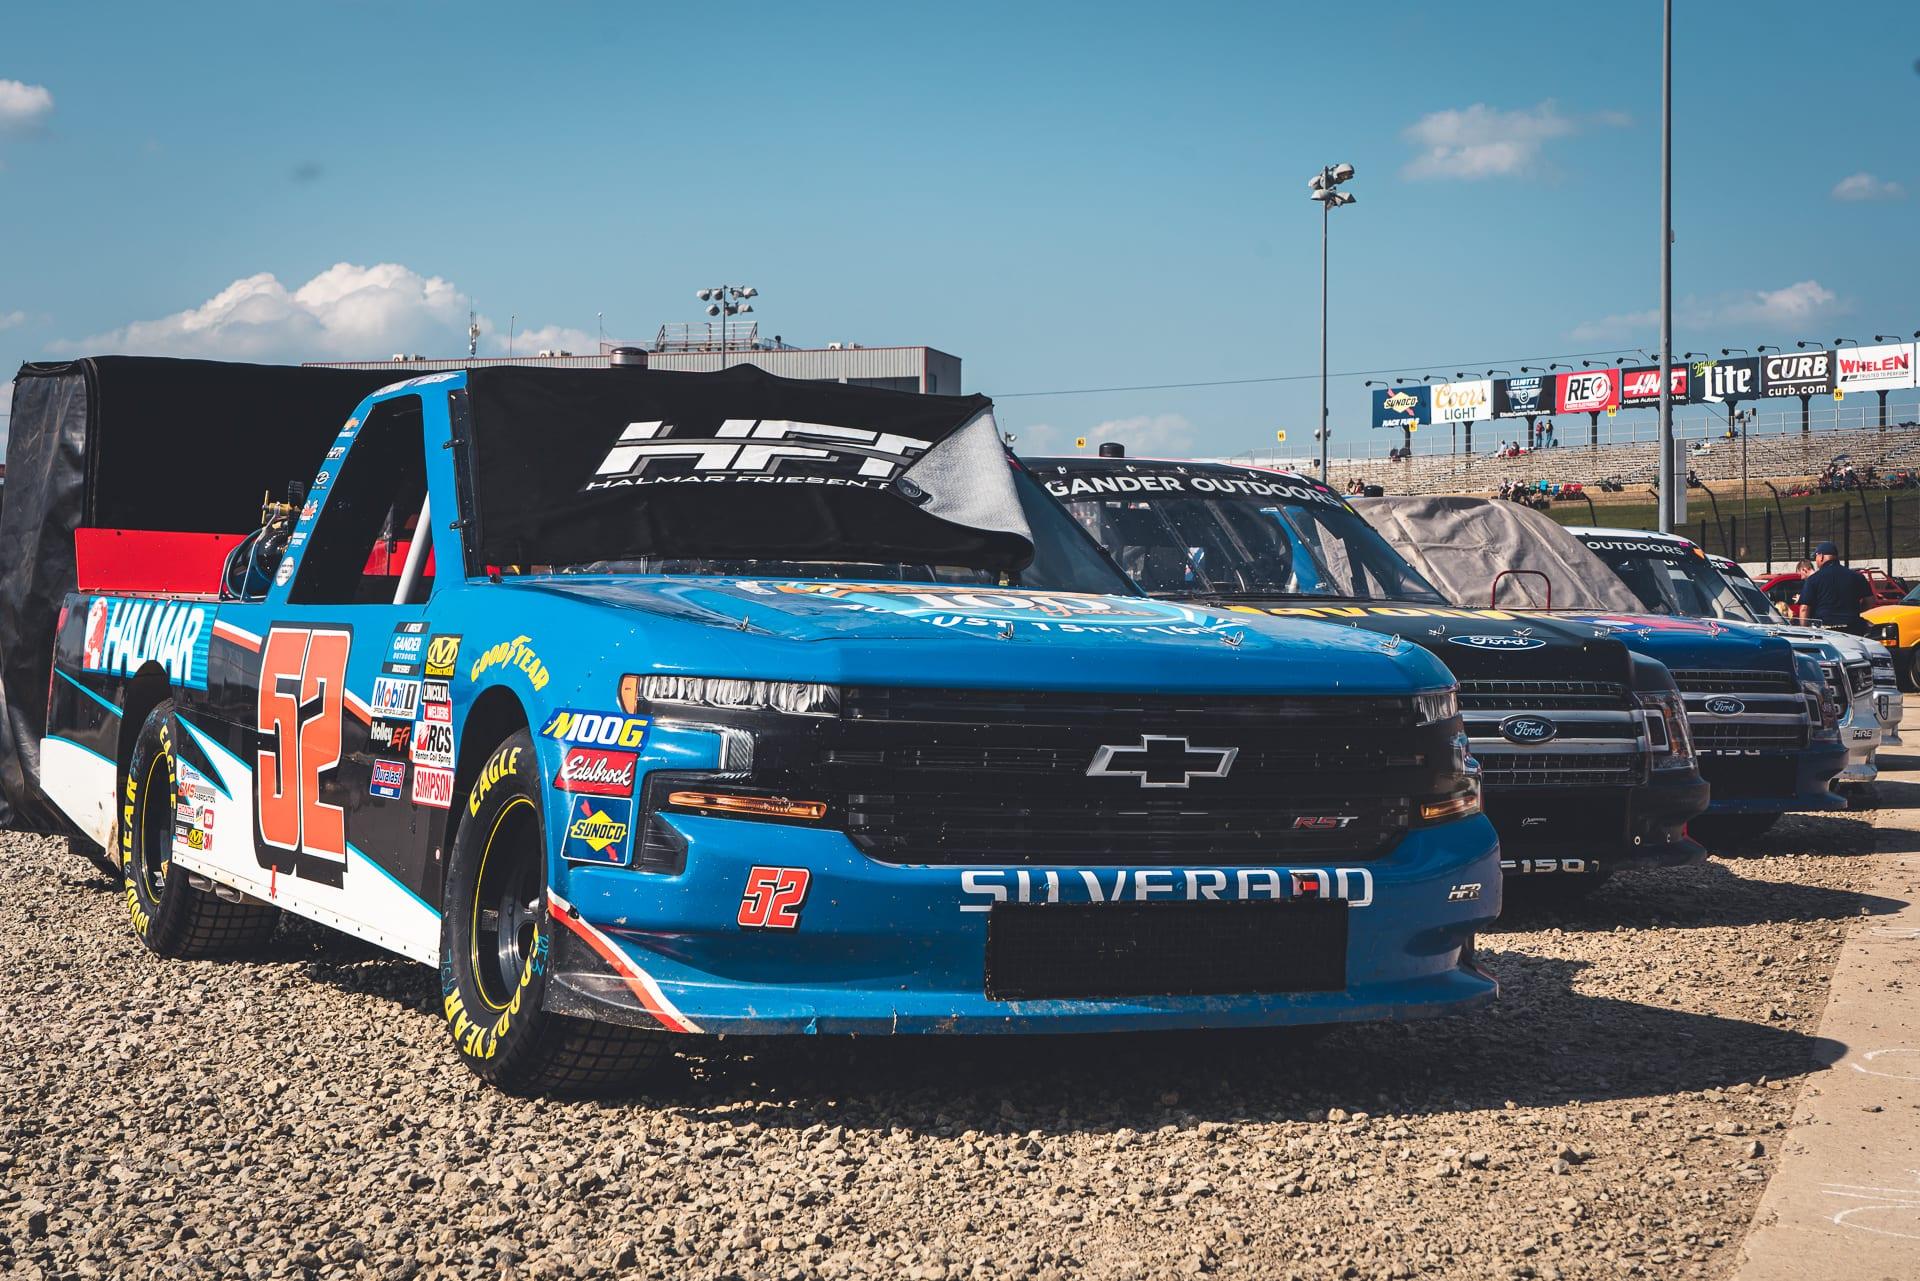 Stewart Friesen at Eldora Speedway - NASCAR Truck Series - Eldora Dirt Derby